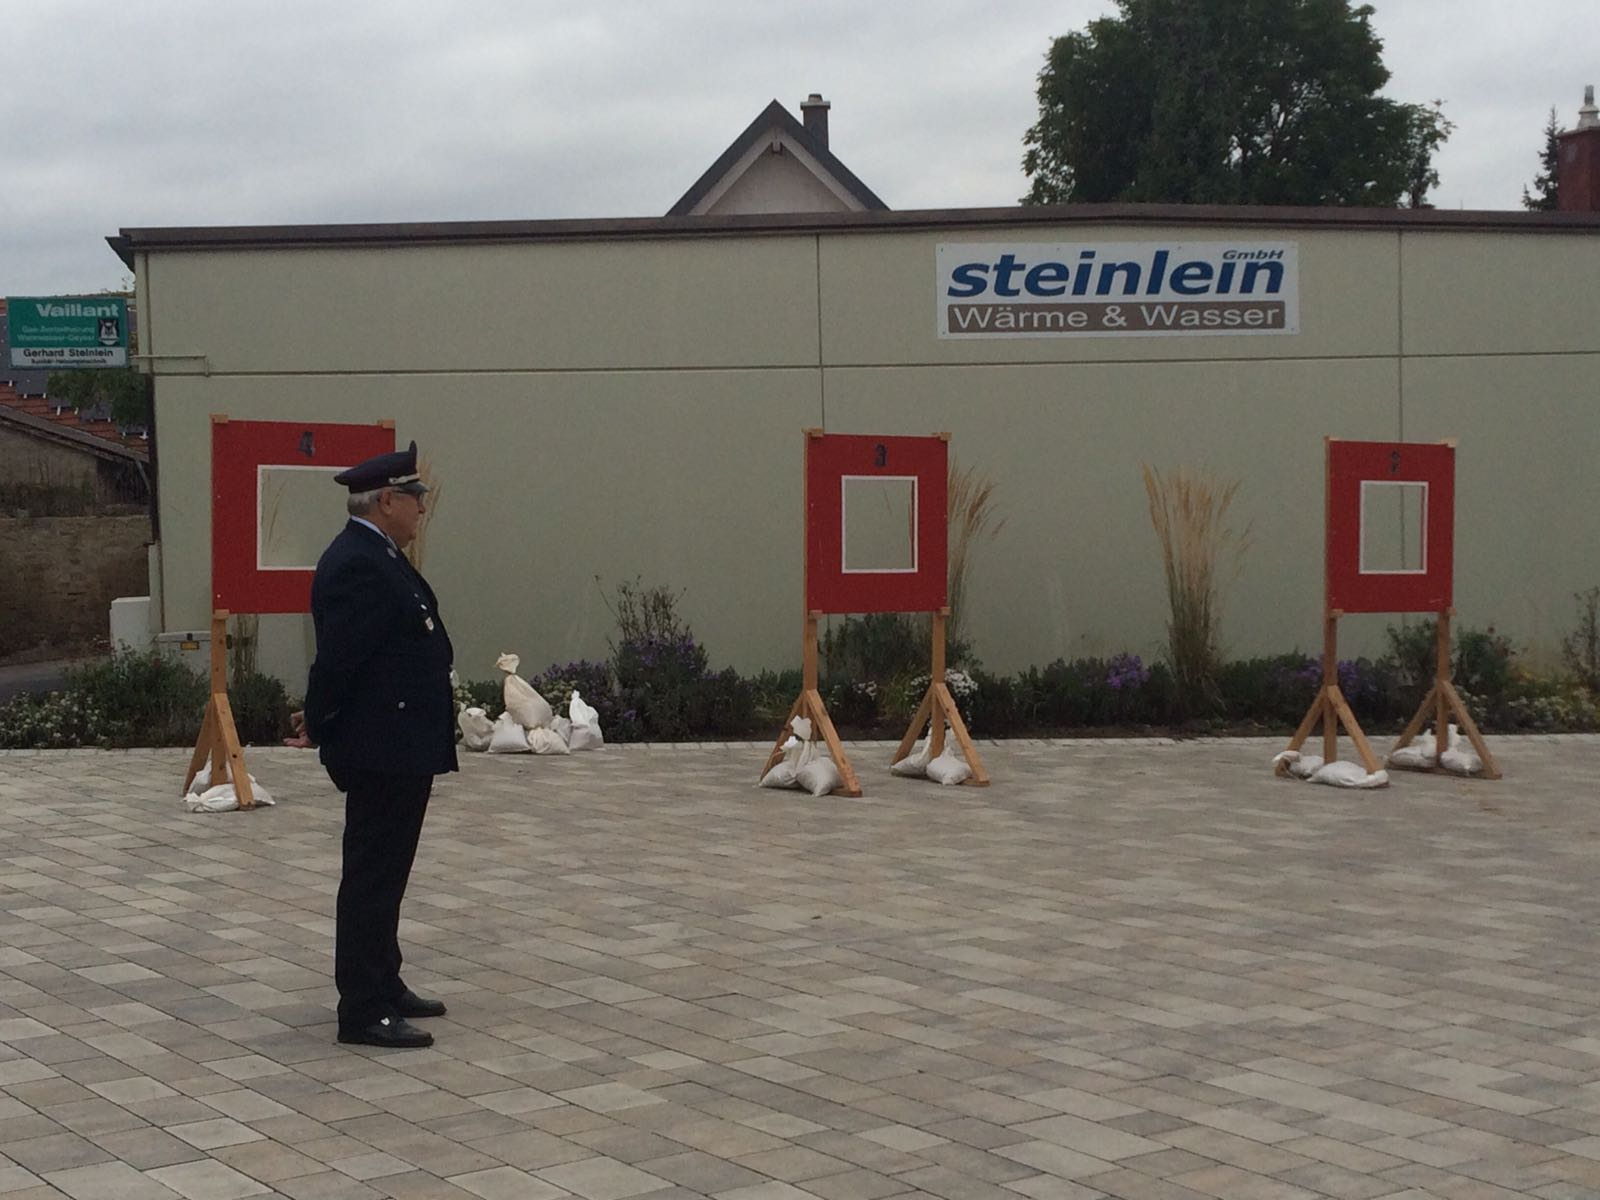 Station 7: Zielwurf mit der Feuerwehrleine